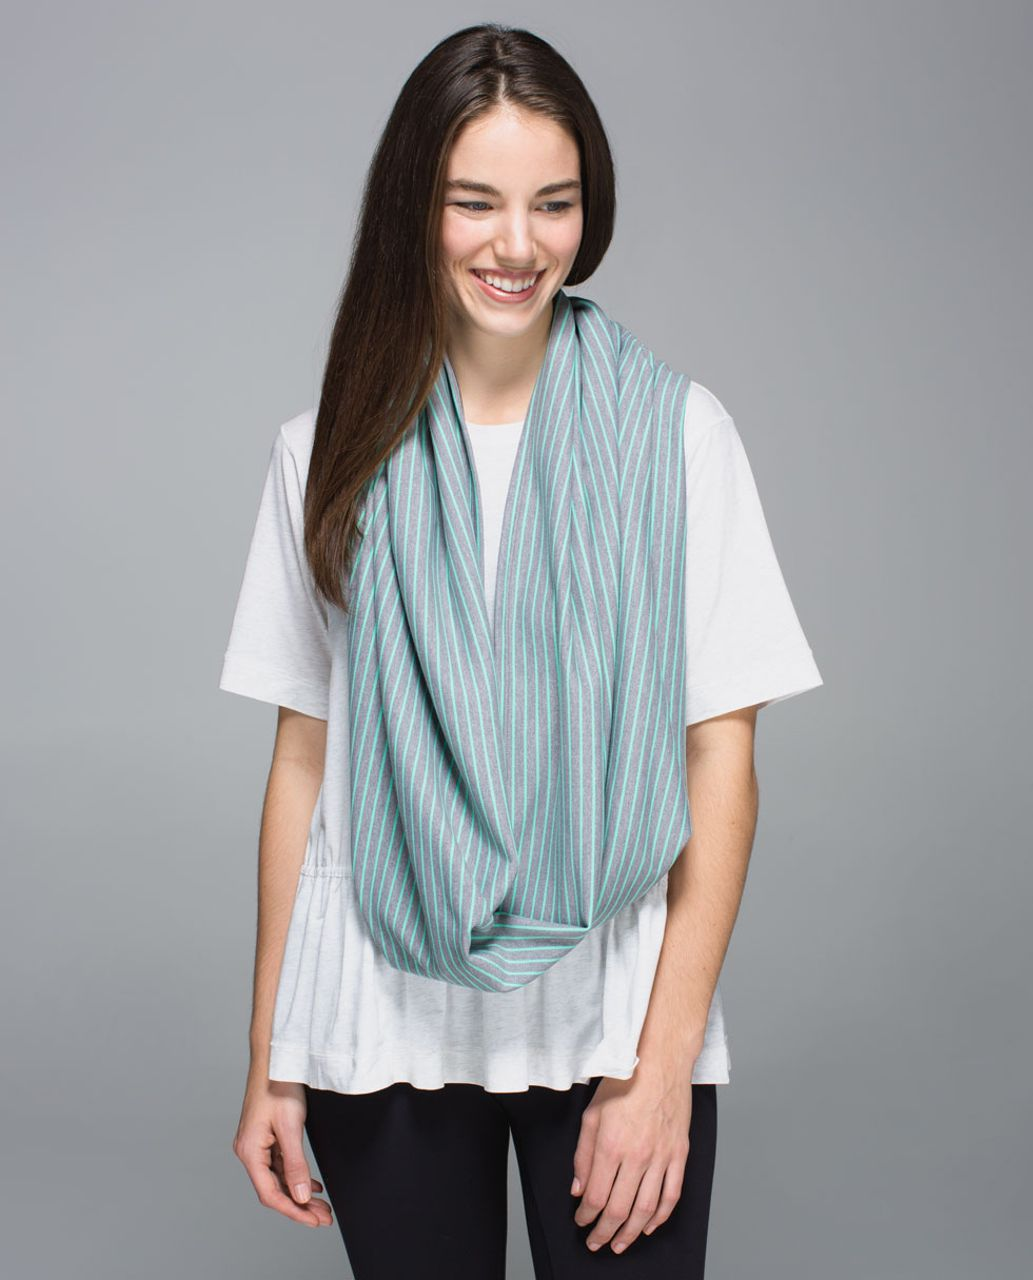 Lululemon Vinyasa Scarf *Rulu - Parallel Stripe Menthol Heathered Slate / Heathered Slate